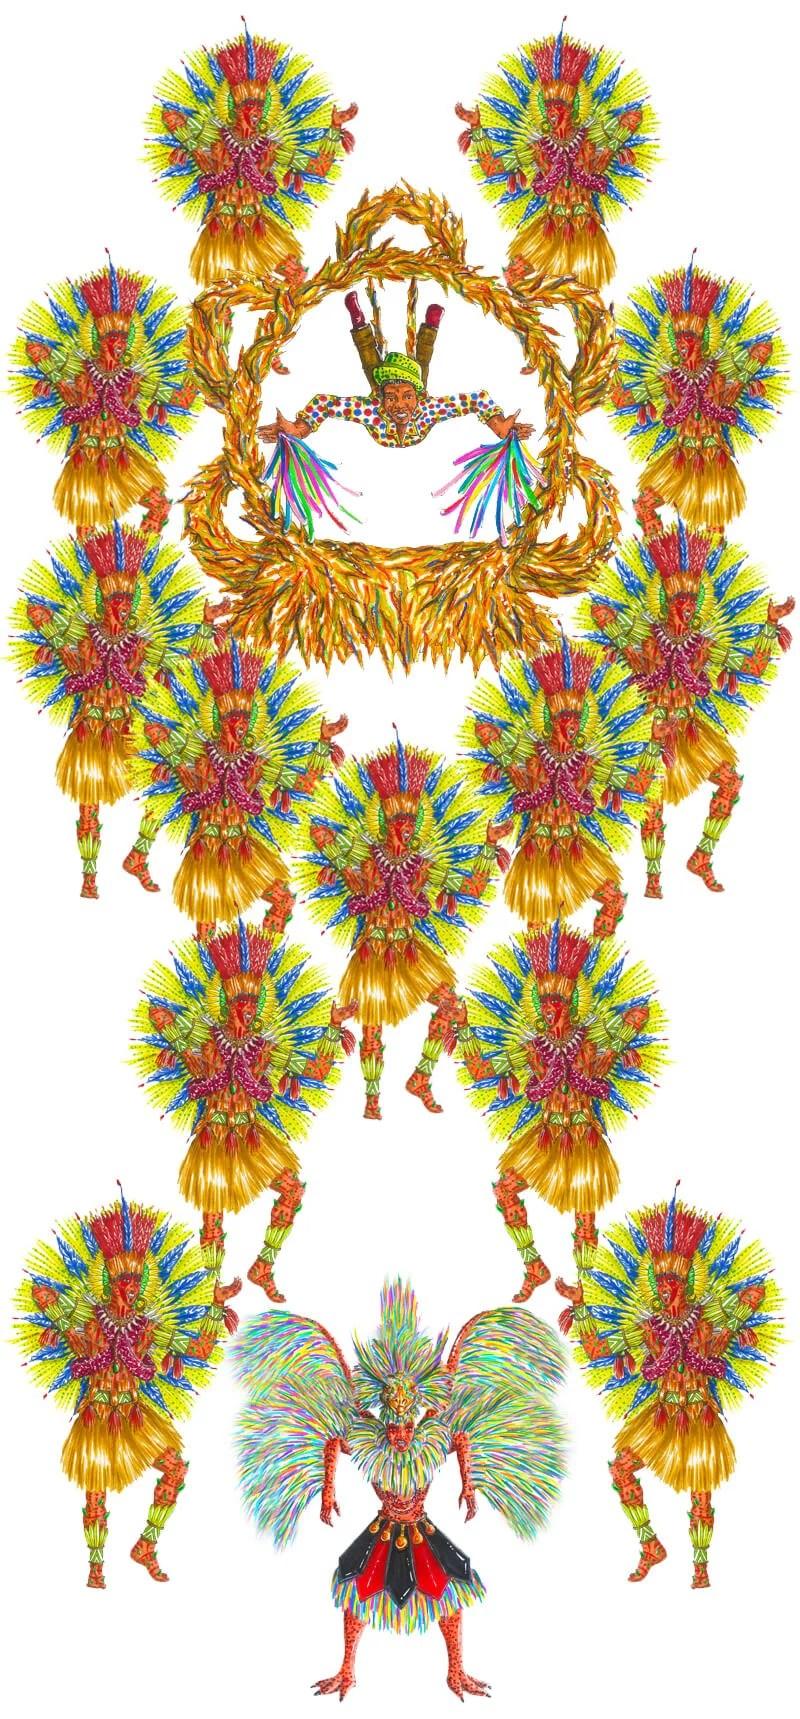 LIESV EM EVIDÊNCIA – Carnaval da Imperatriz Ludoviscence de 2019 ganha destaque em revista da UFRJ